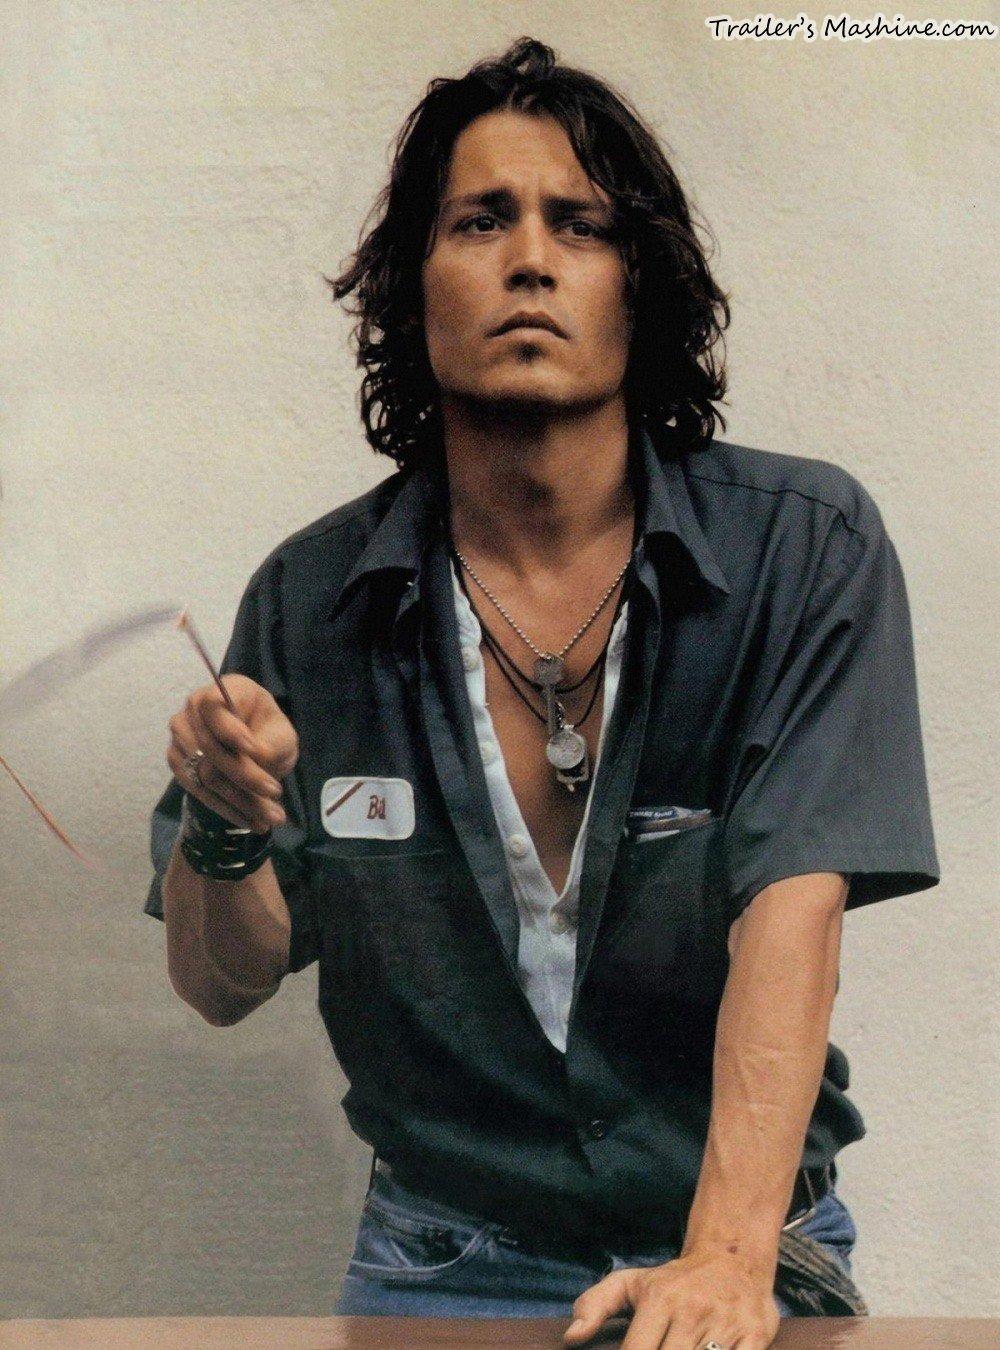 Johnny Depp - Wallpaper